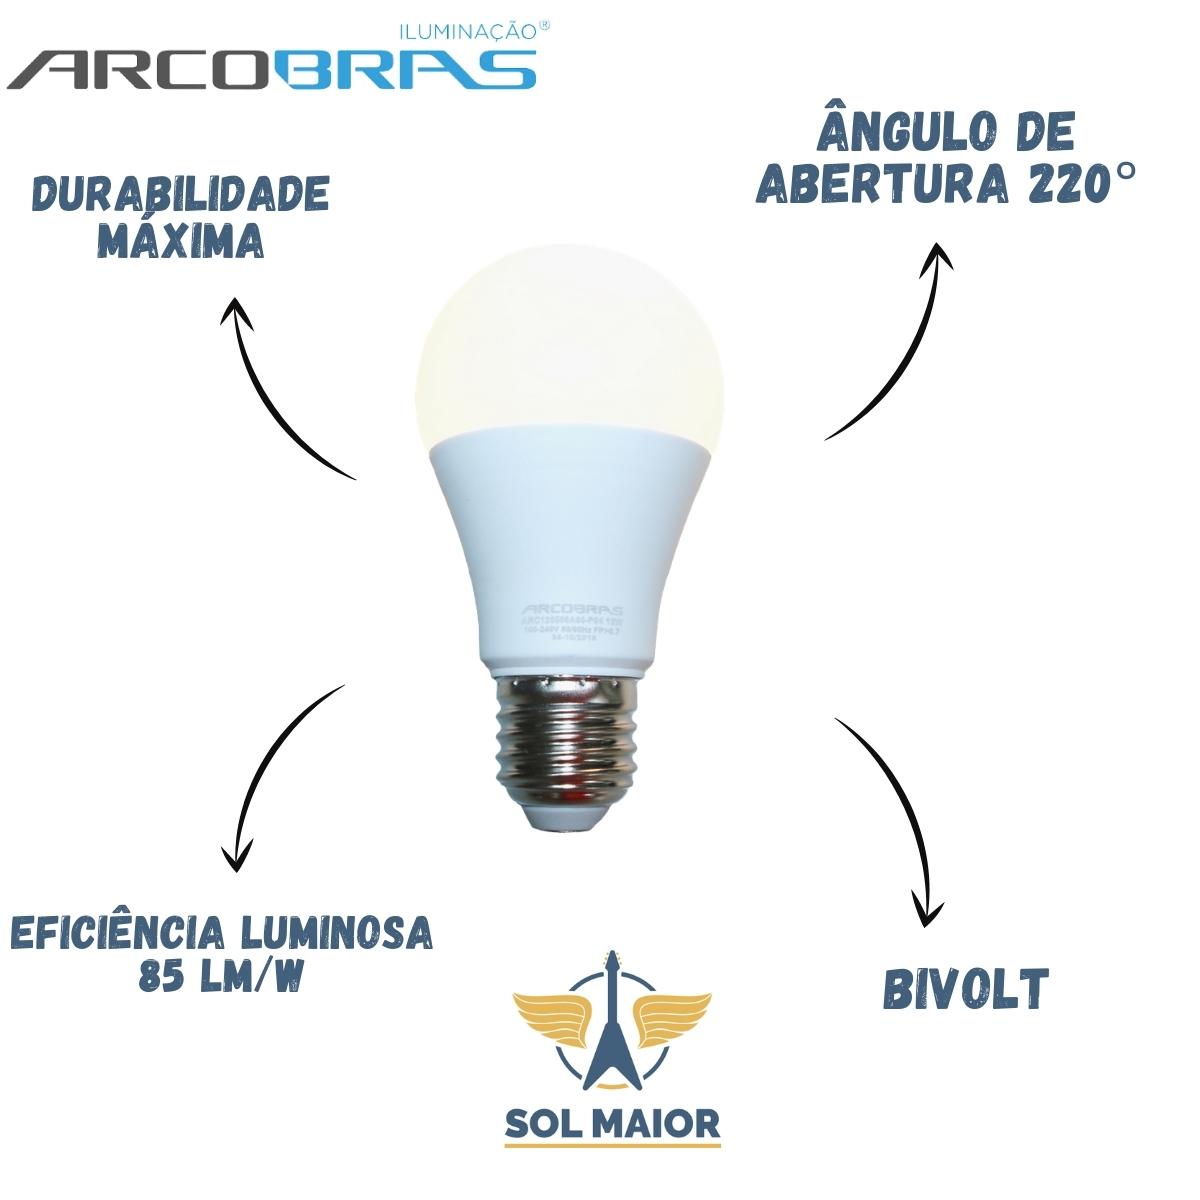 Kit com 10 Lâmpadas Led Bulbo 12w E27 Bivolt Arcobras